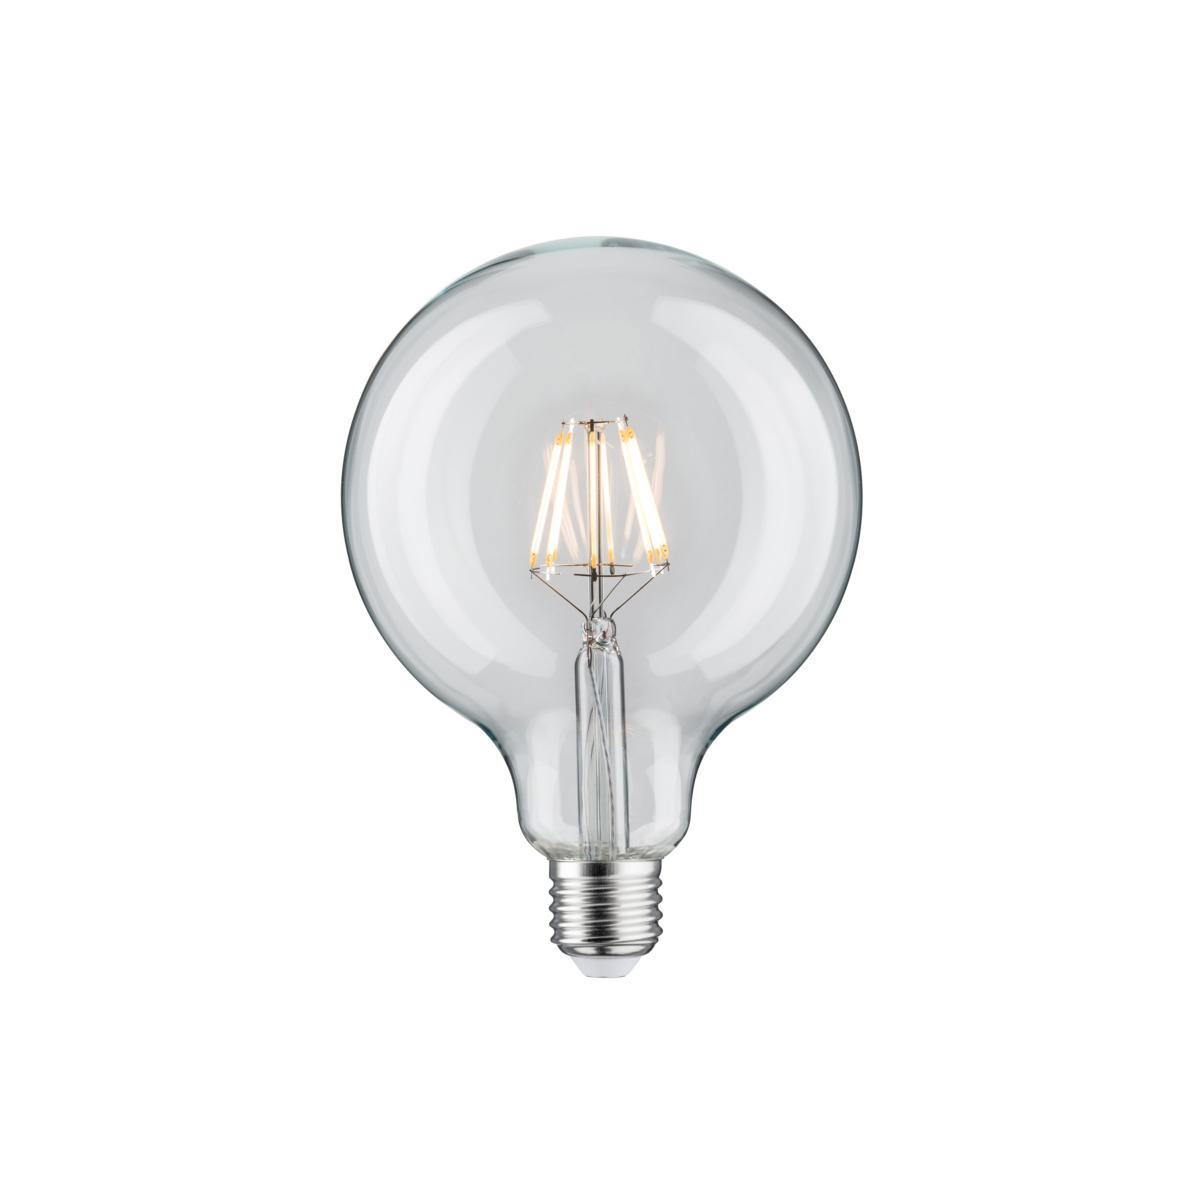 ampoule led filament dimmable 7 5w e27 blanc chaud paulmann 28424. Black Bedroom Furniture Sets. Home Design Ideas